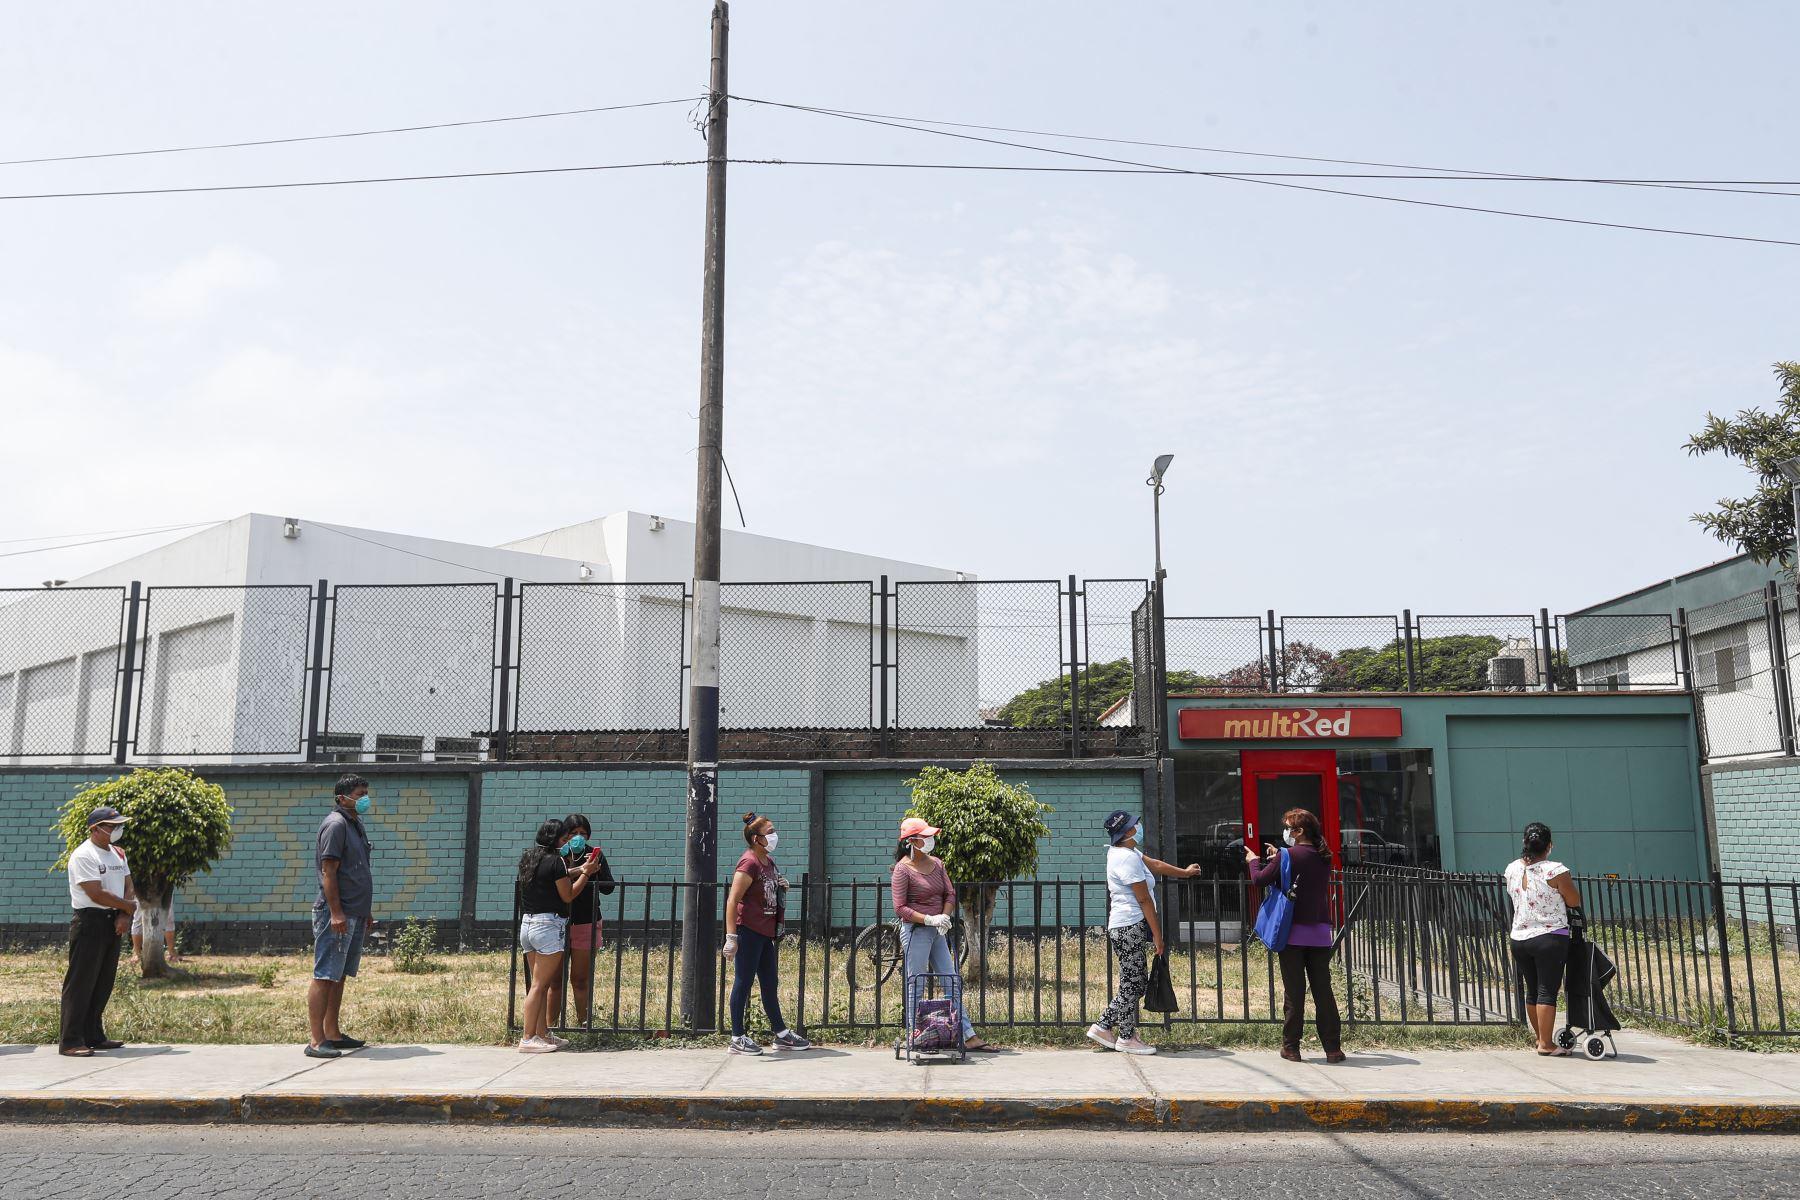 Ciudadanos mantienen su distancia social para retirar dinero de cajero Multired, en Chorrillos. Foto: ANDINA/Renato Pajuelo